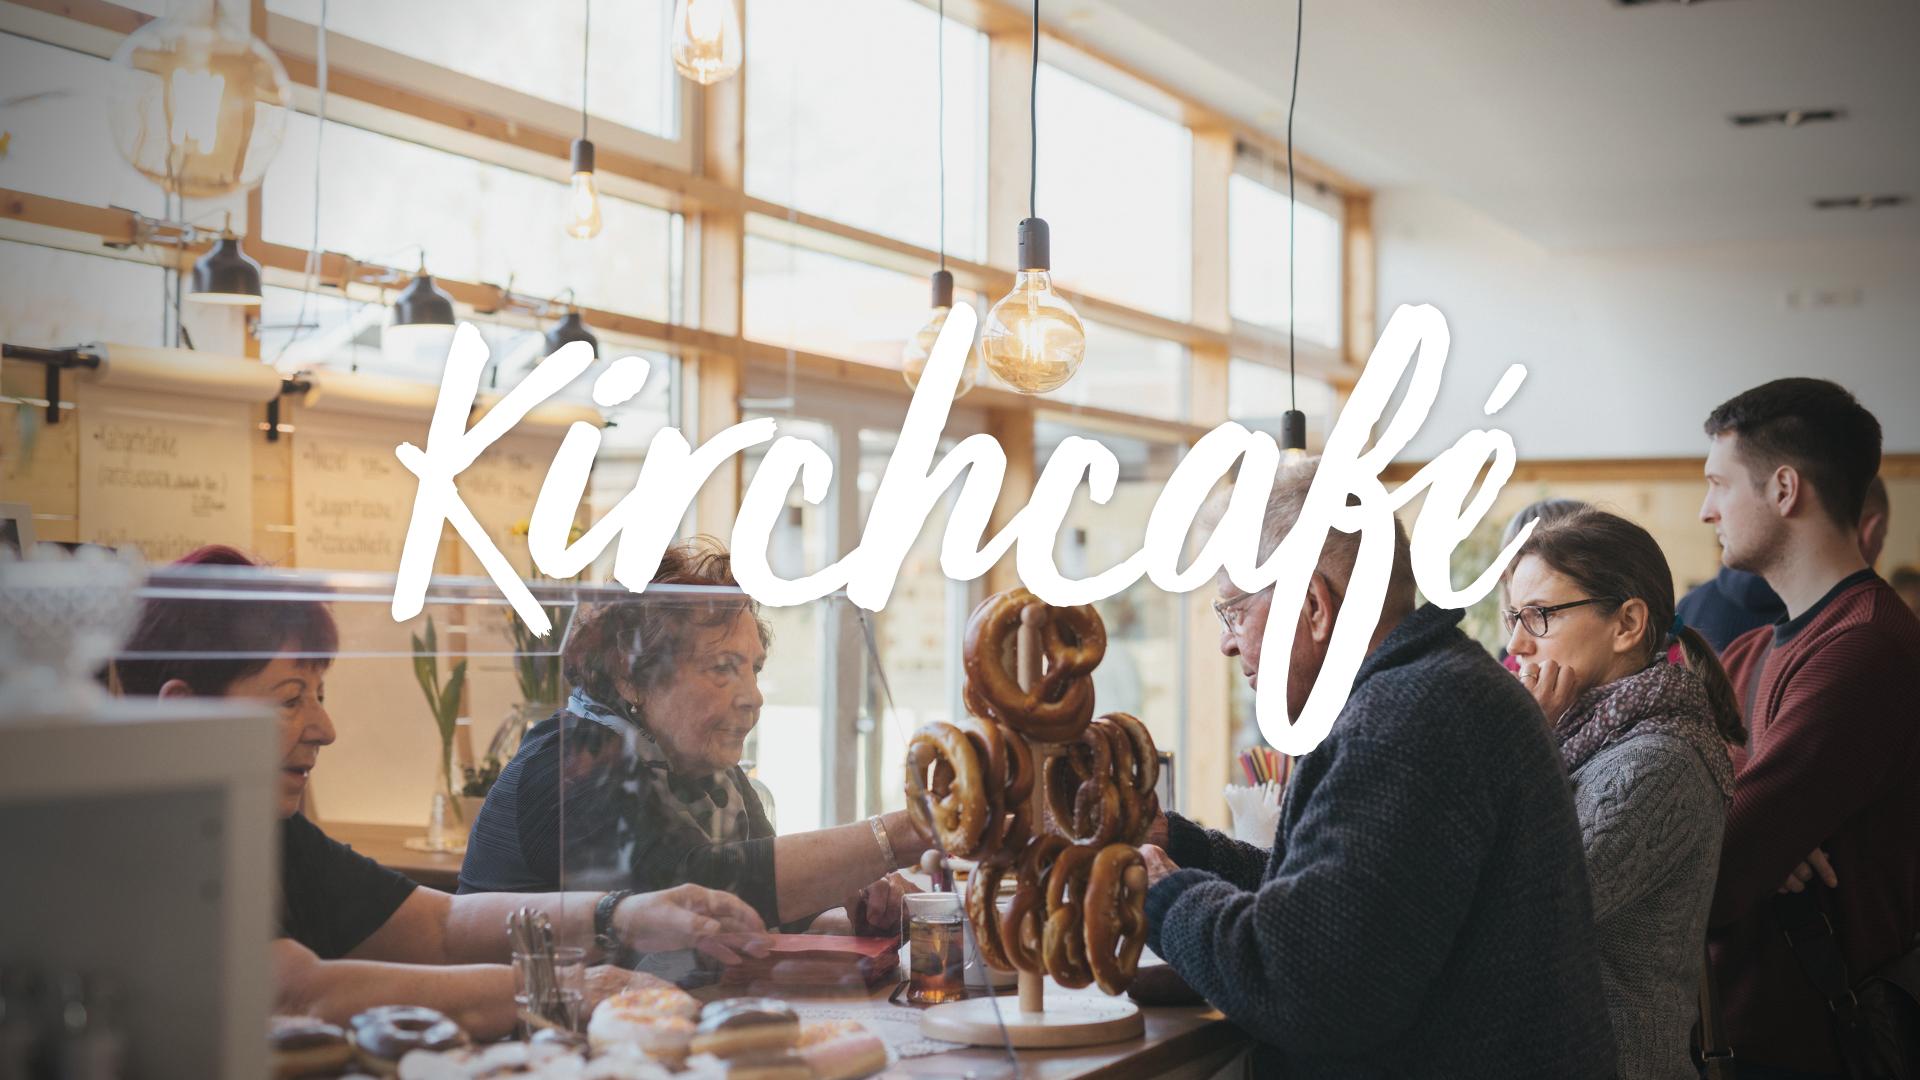 Kirchcafé